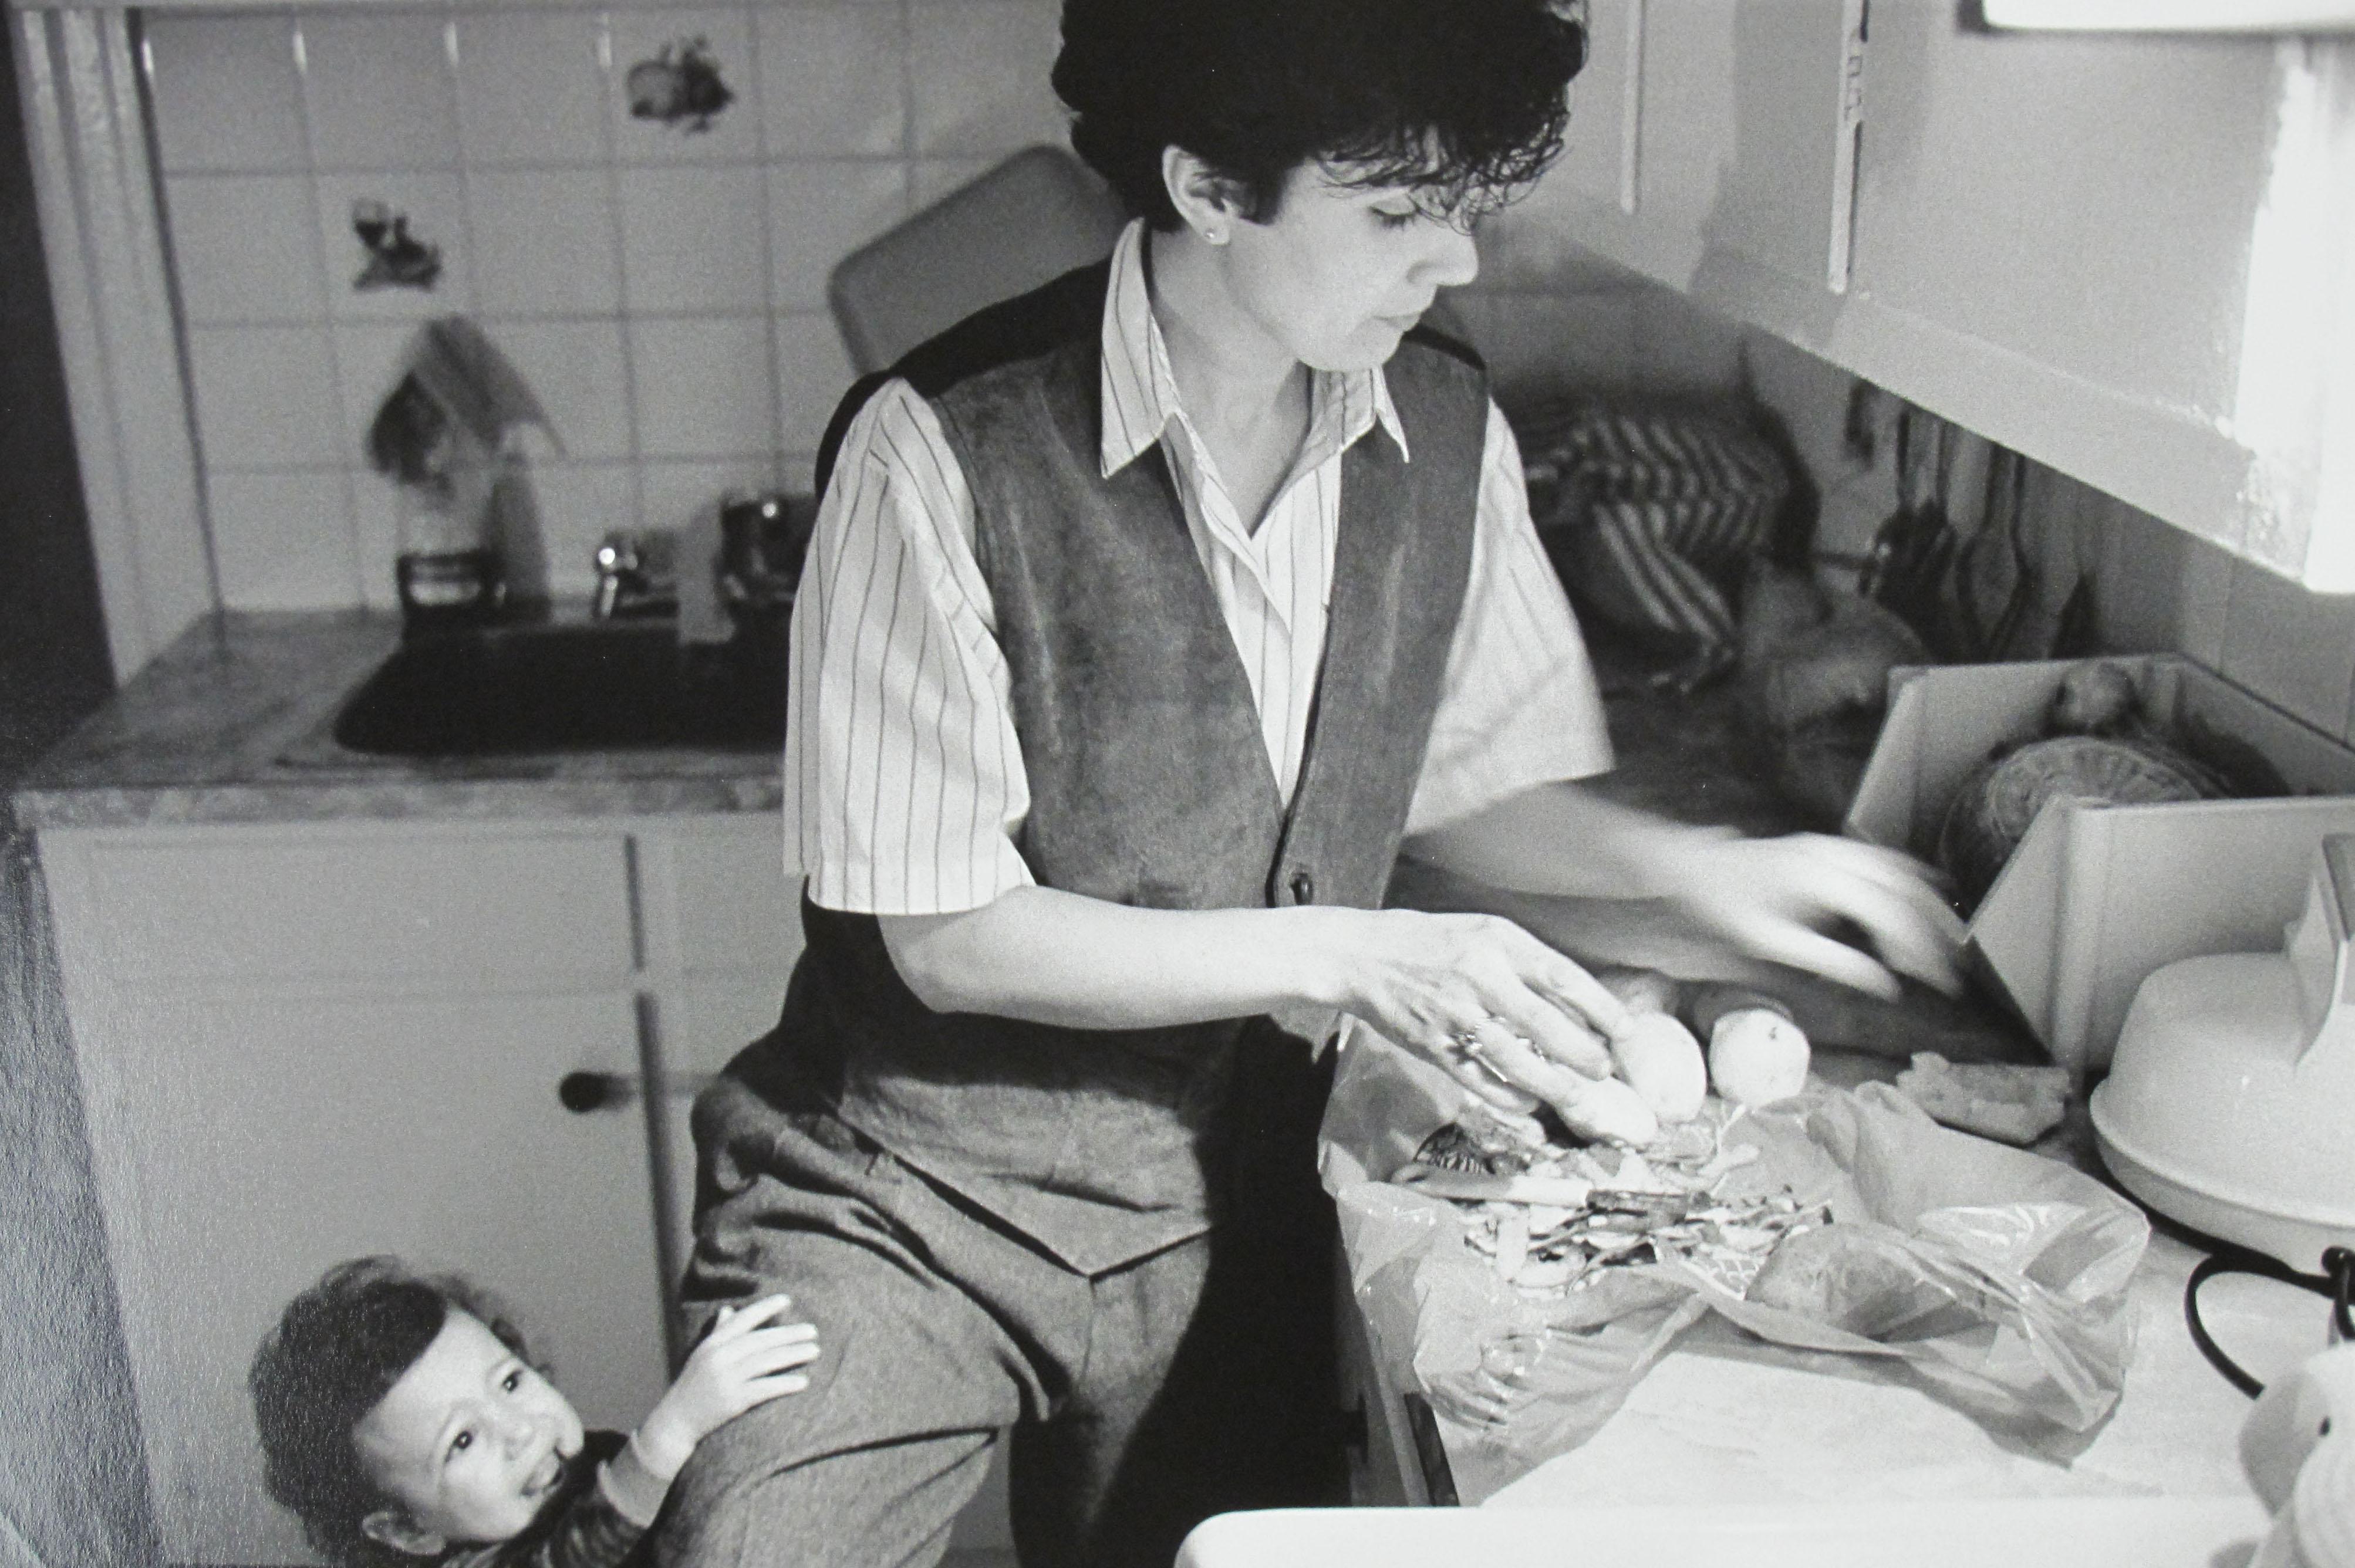 Une femme cuisine. Son jeune enfant est derrière elle et lui touche la jambe.